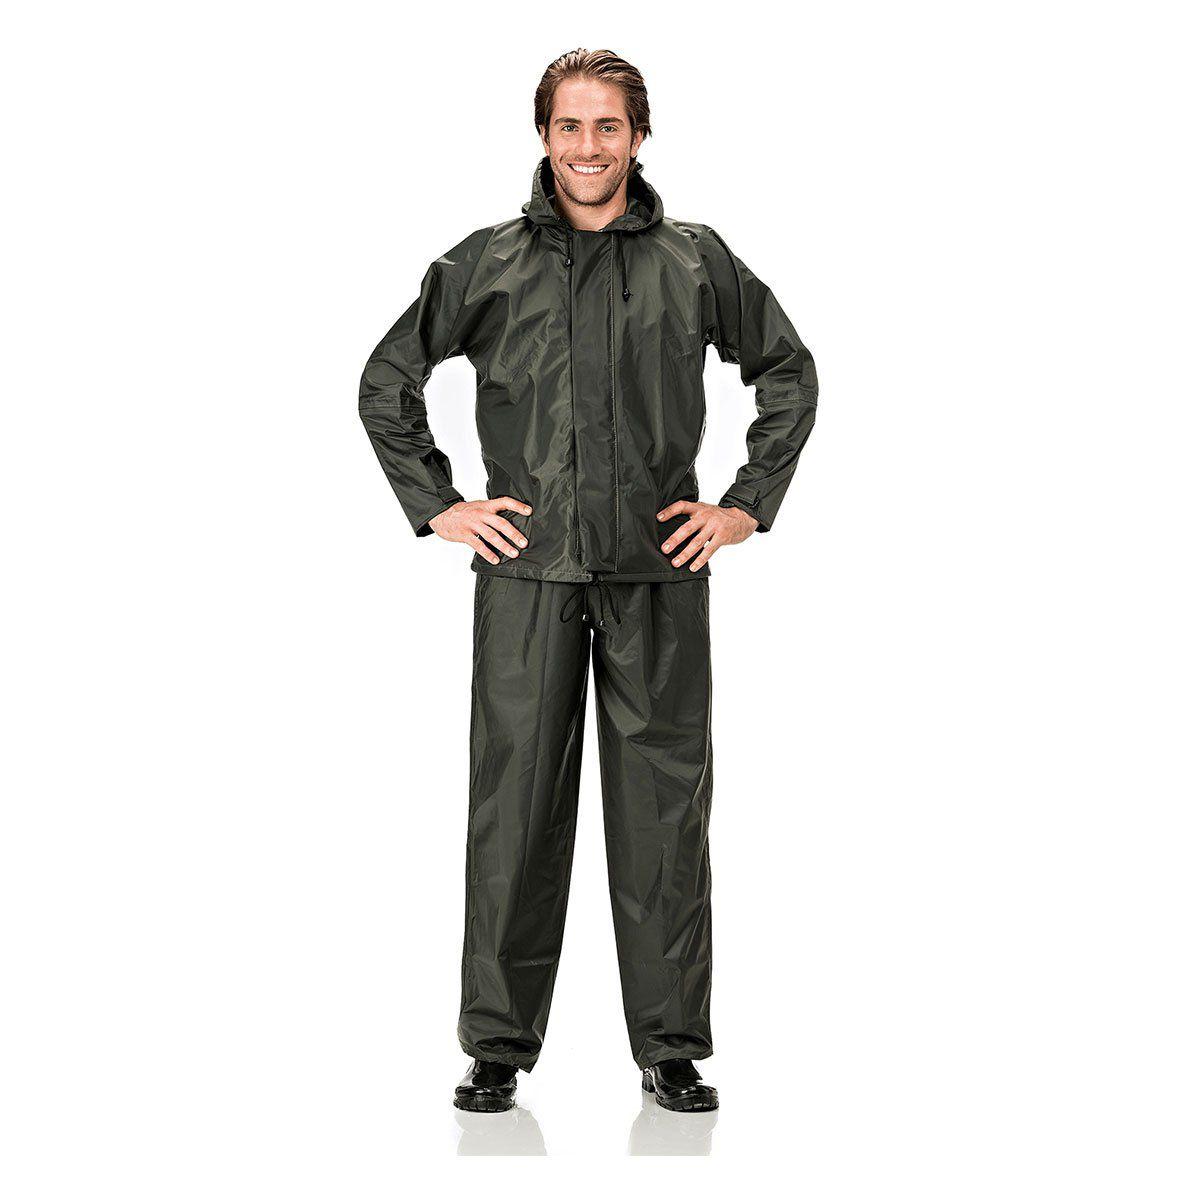 Conjunto Capa e calca para chuva impermeavel Pantaneiro ref: 238